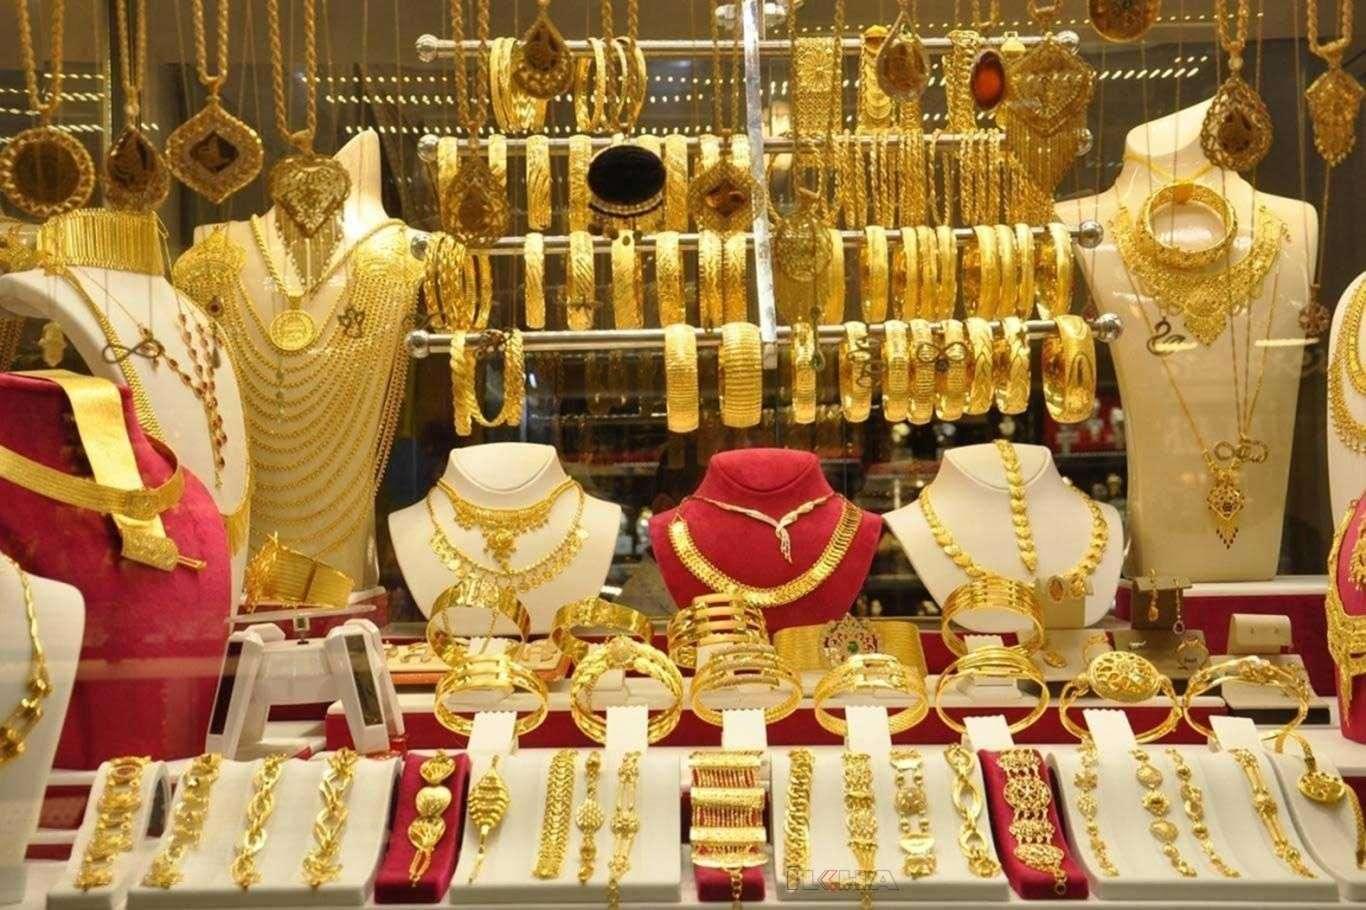 Altının gram fiyatı 6 ayın en düşük seviyesinde